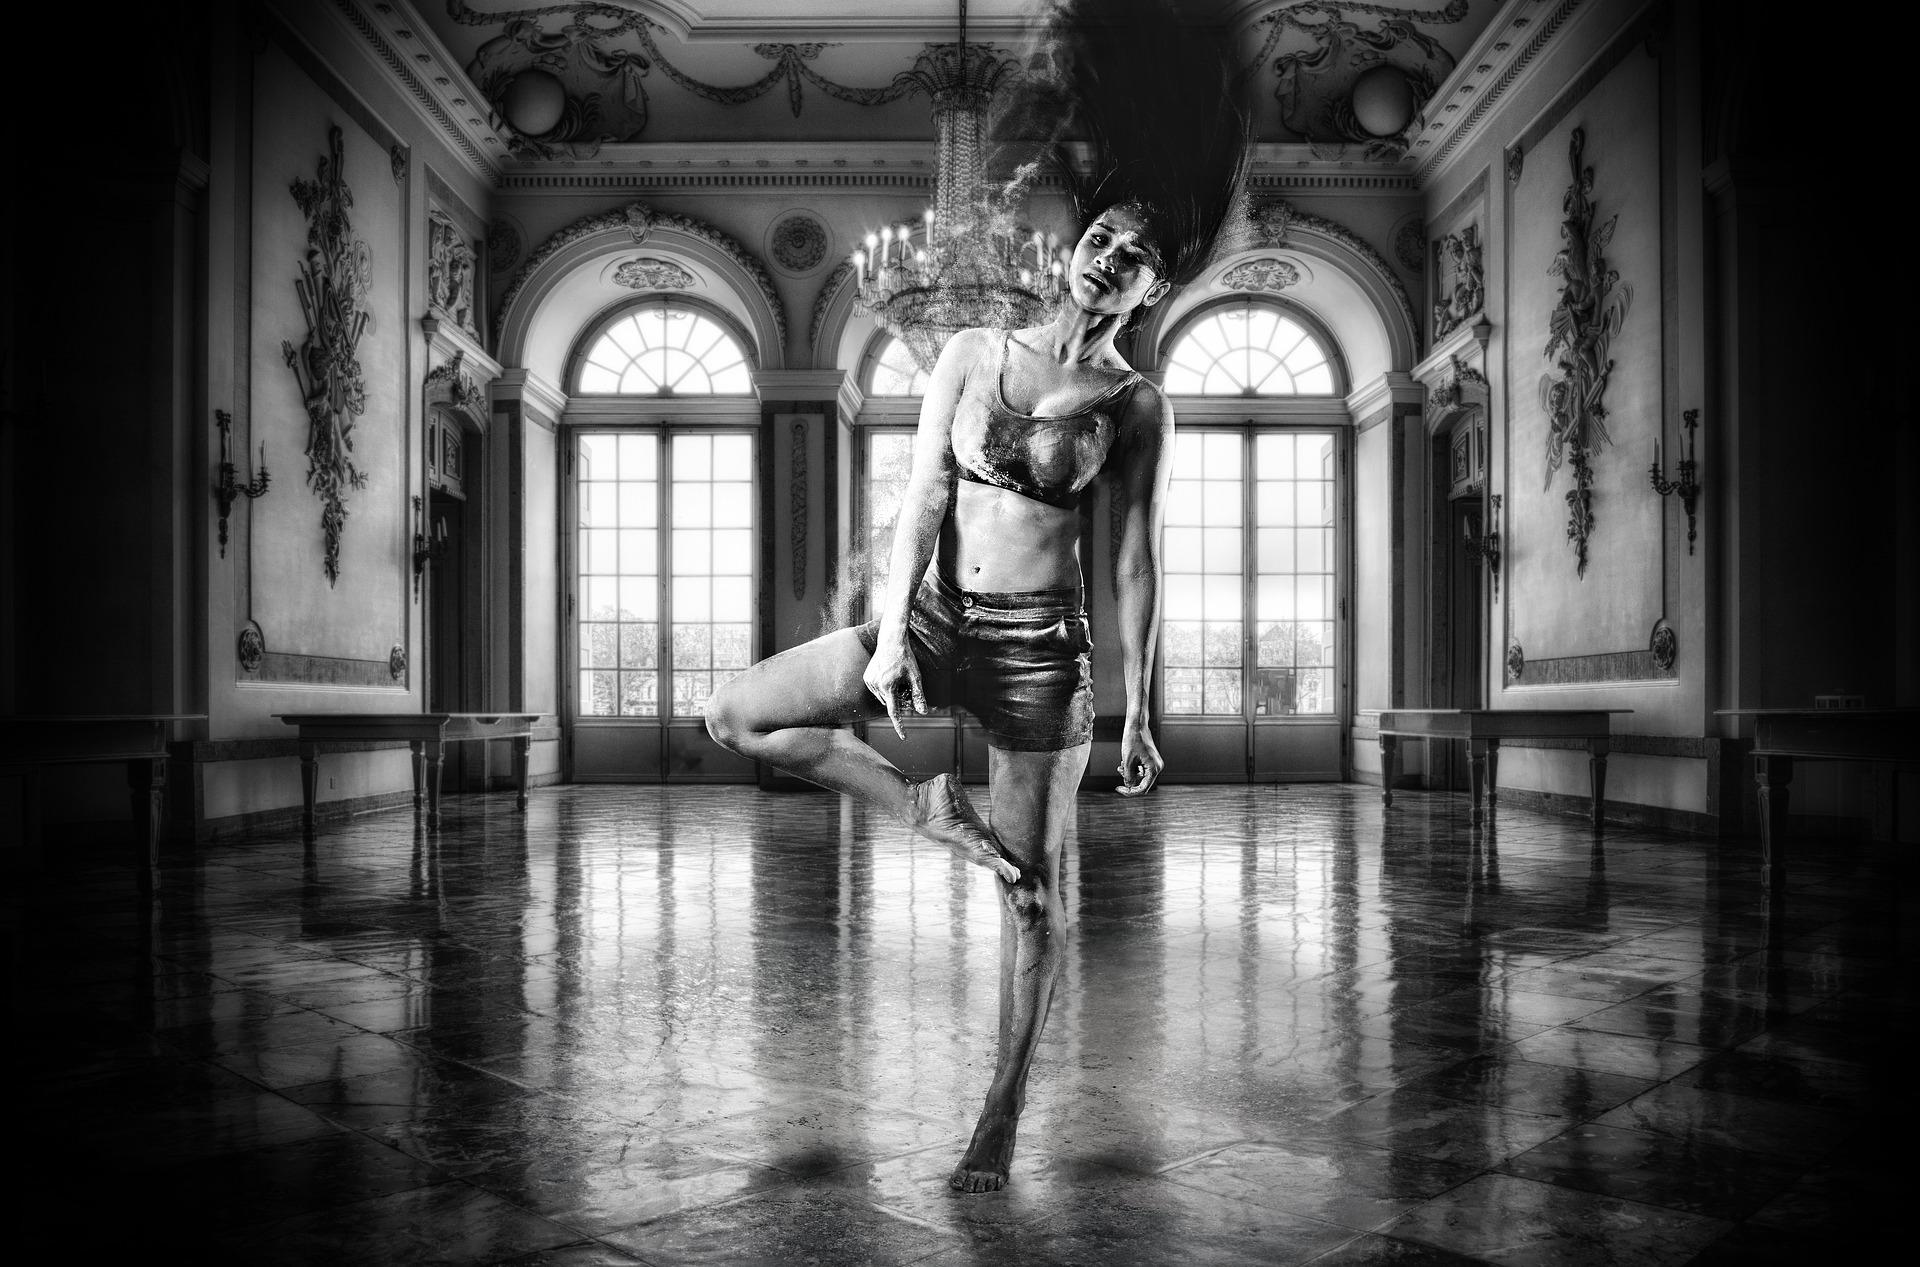 dancer-4691954_1920